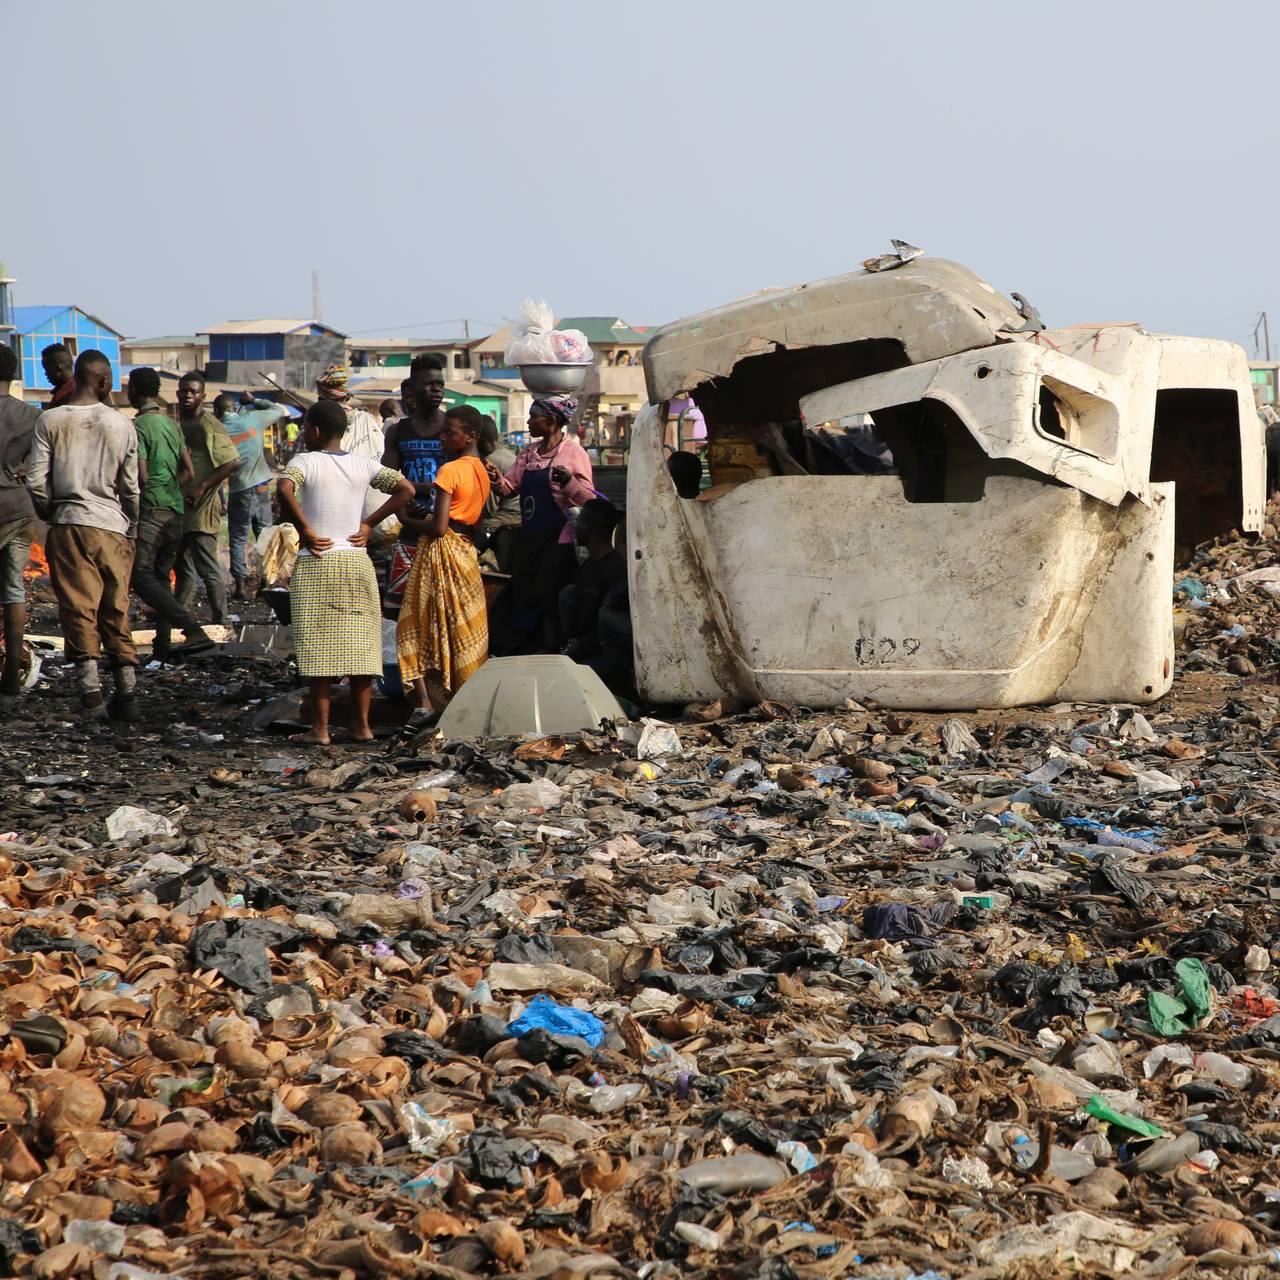 Agbogbloshie